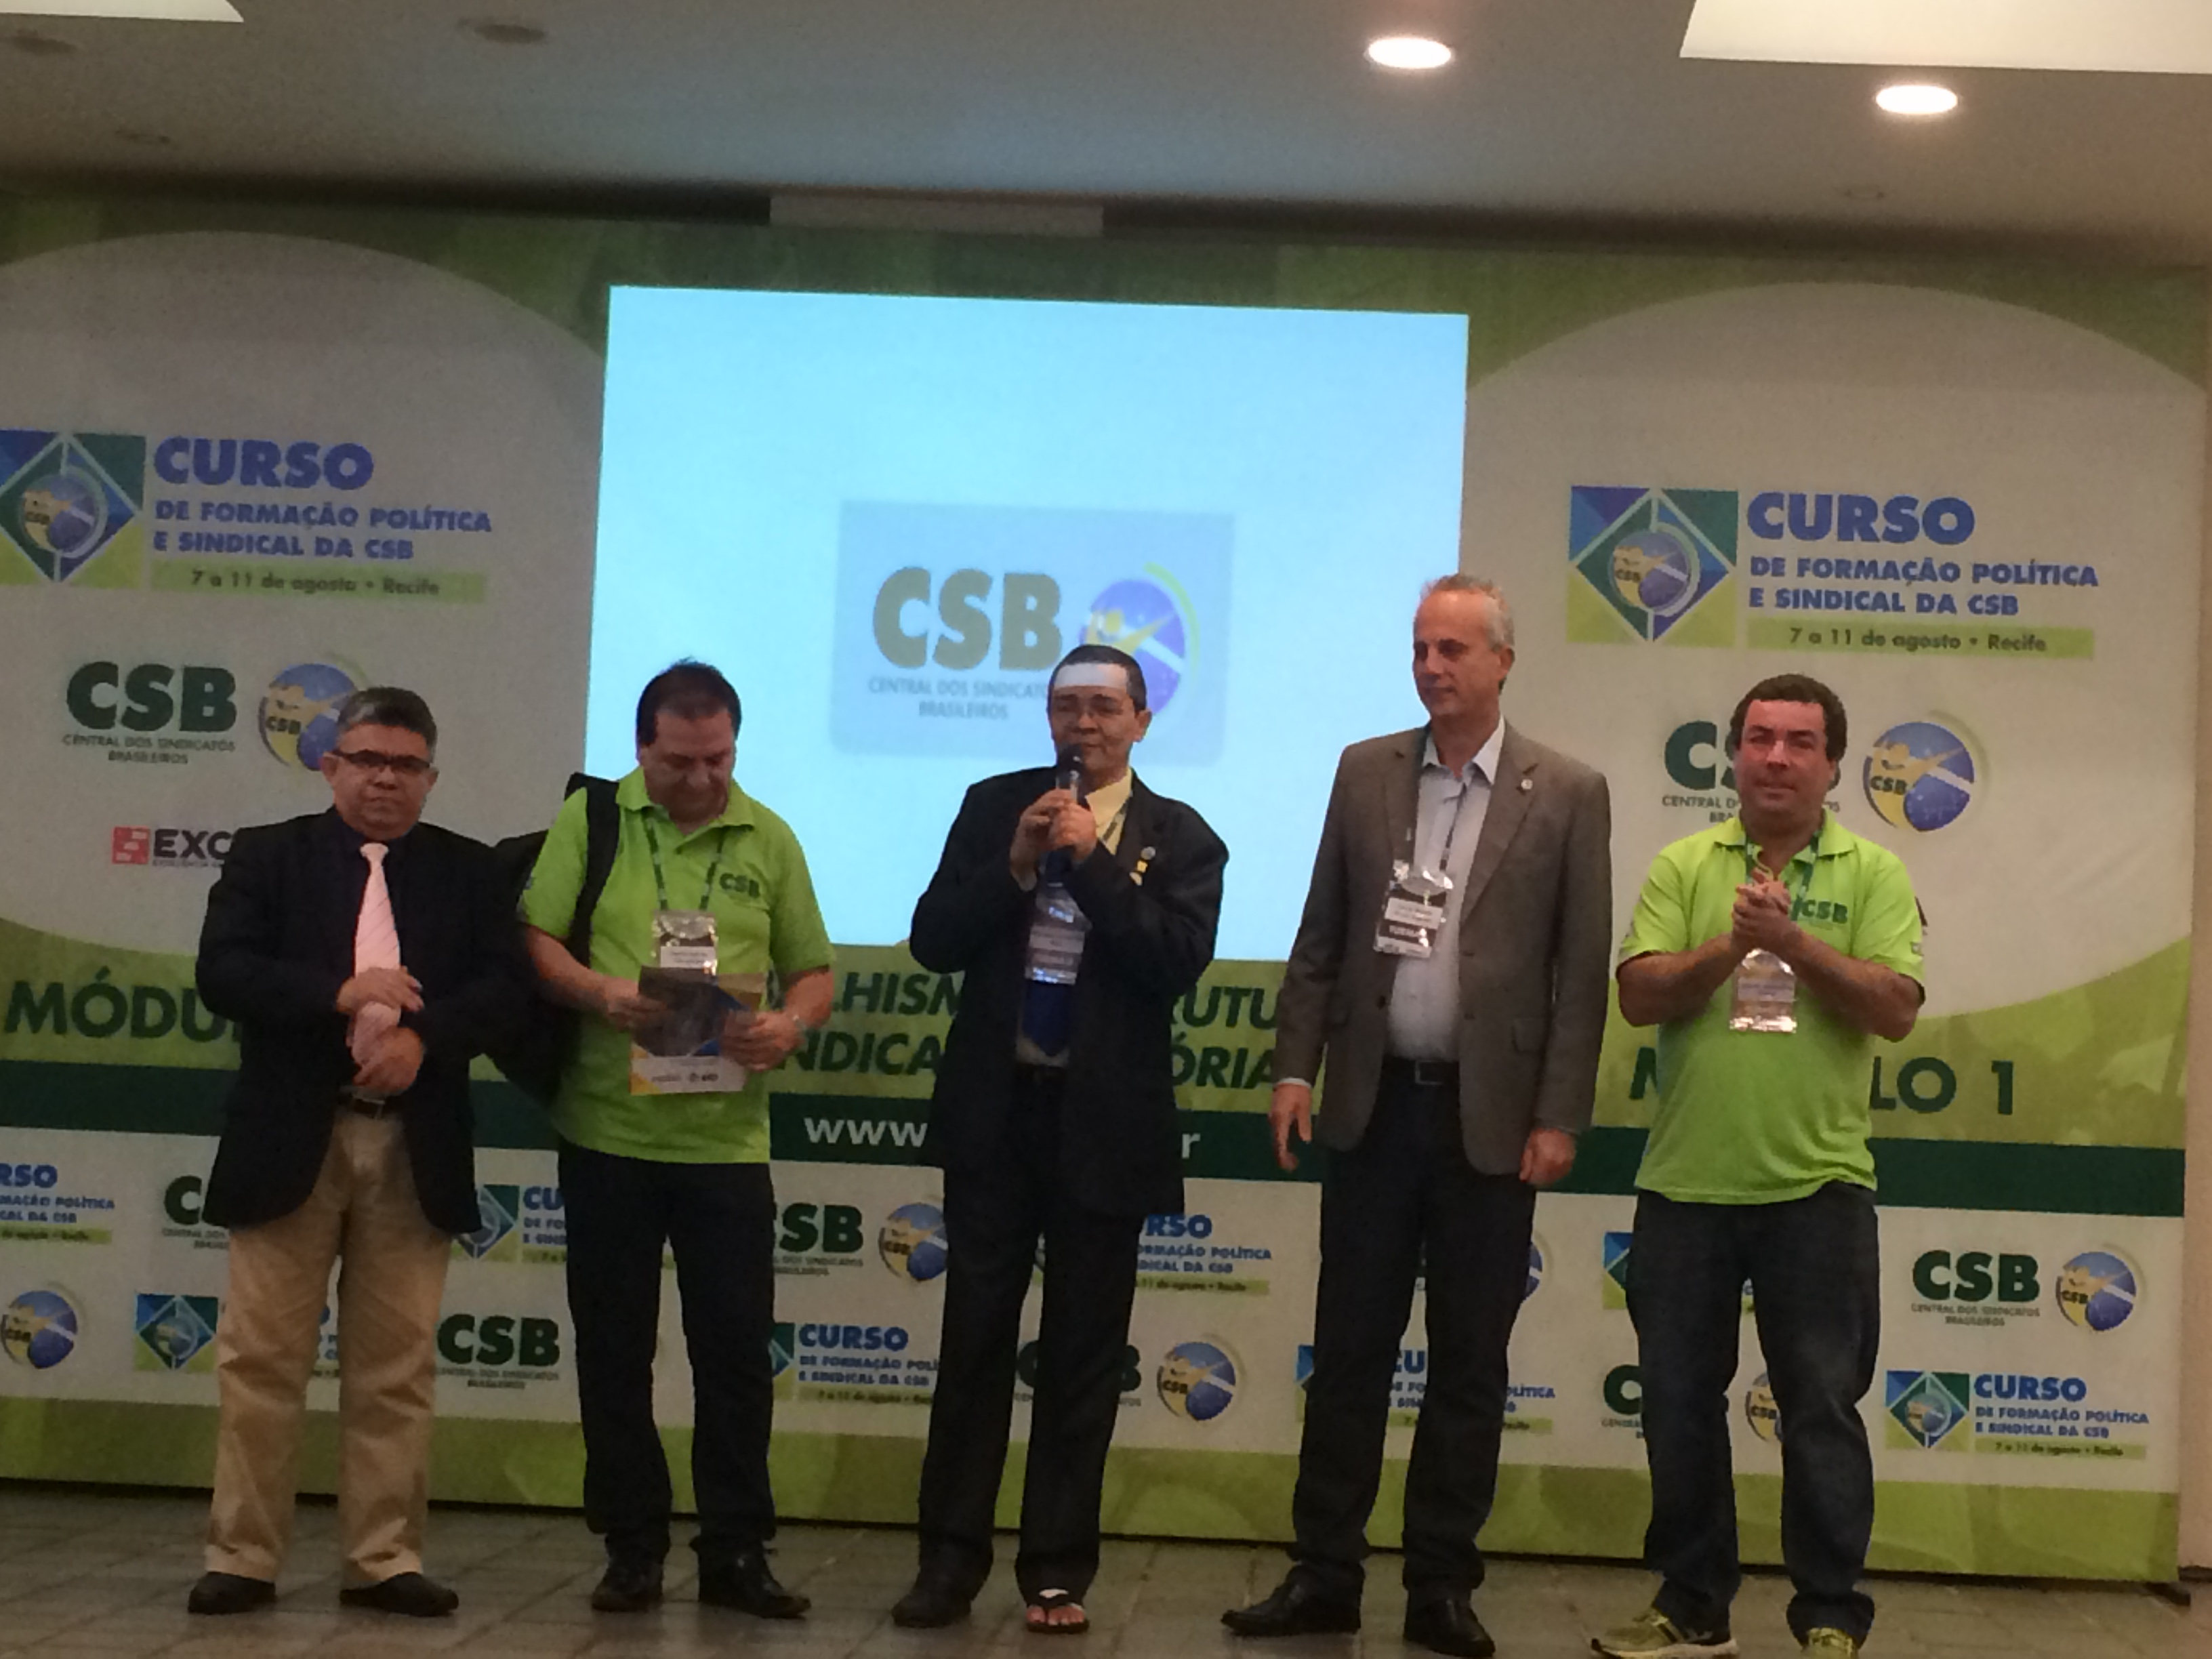 No Nordeste, CSB abre seu primeiro curso de Formação Política e Sindical na região